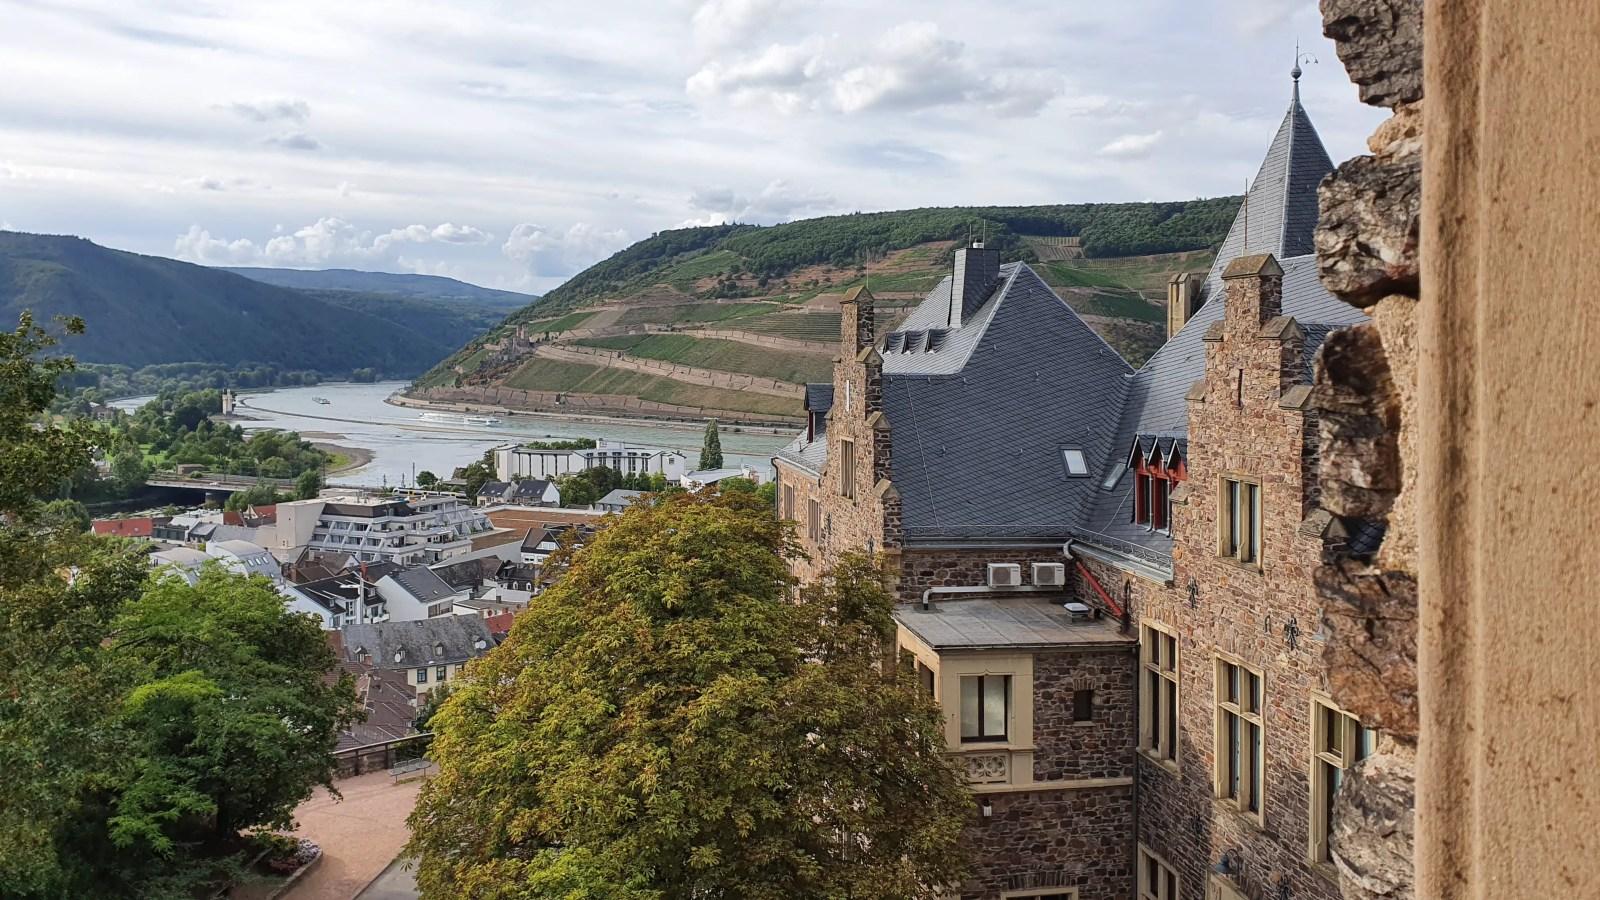 Bingen am Rhein  - Was kann man in Bingen machen? Sehenswürdigkeiten Bingen